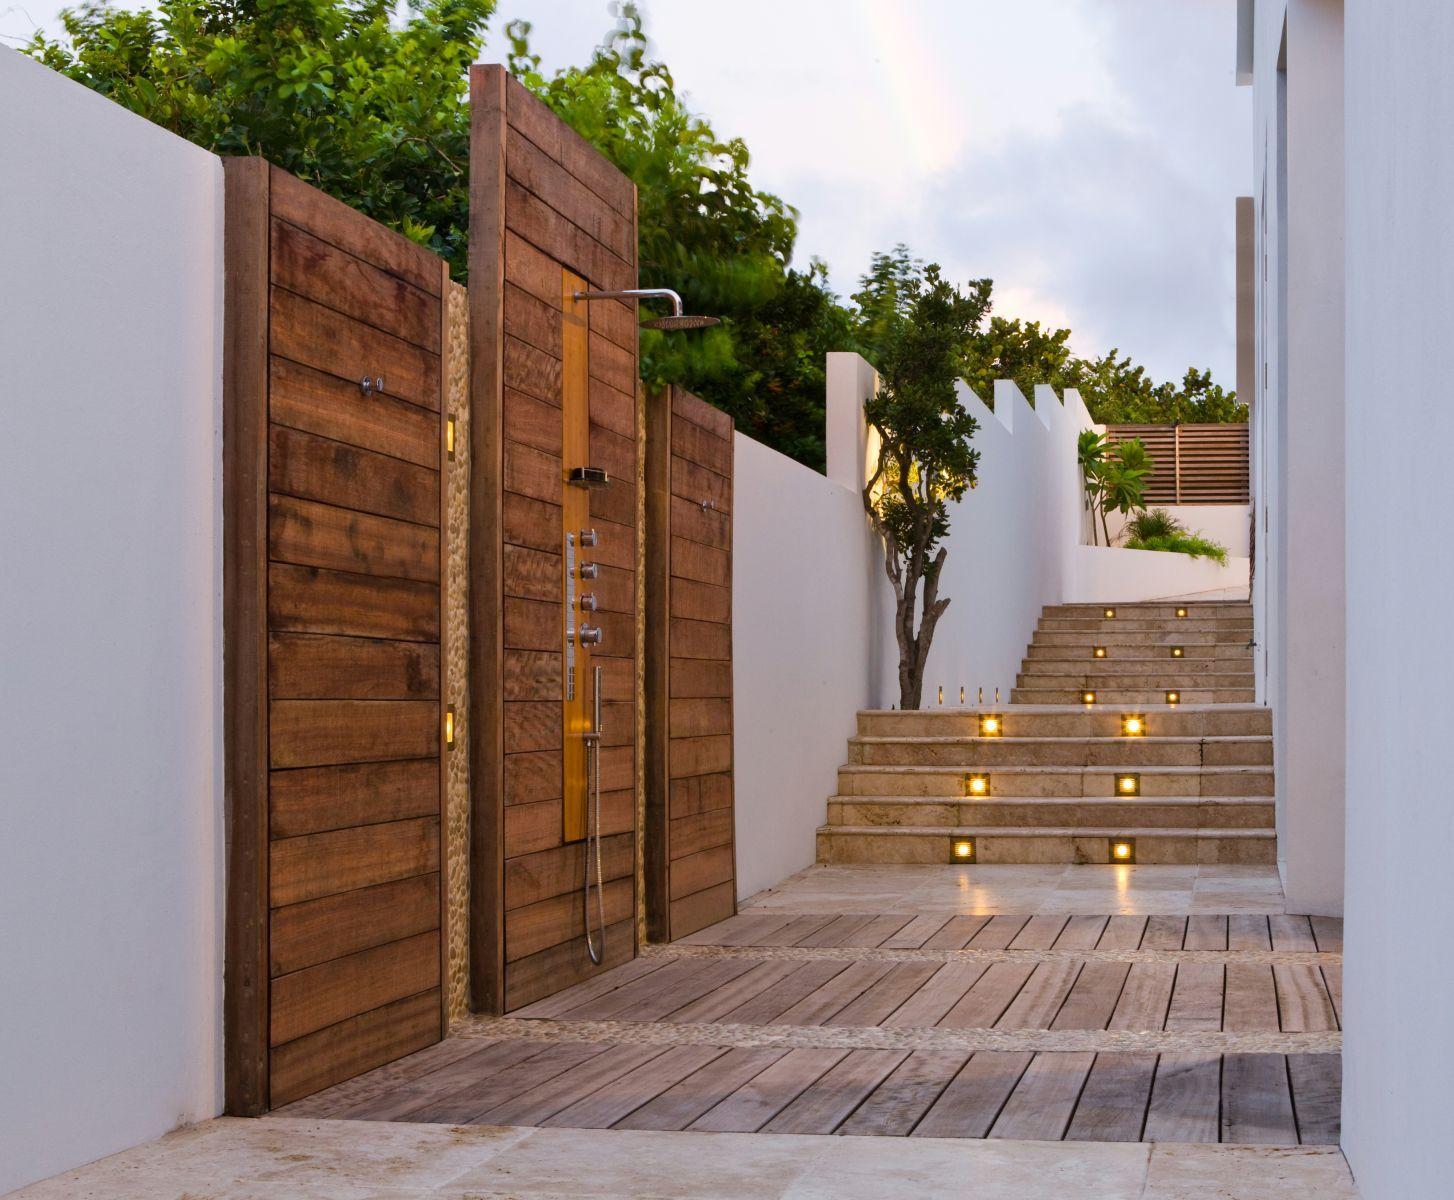 outdoor shower villa kishti cecconi simone patio courtyard